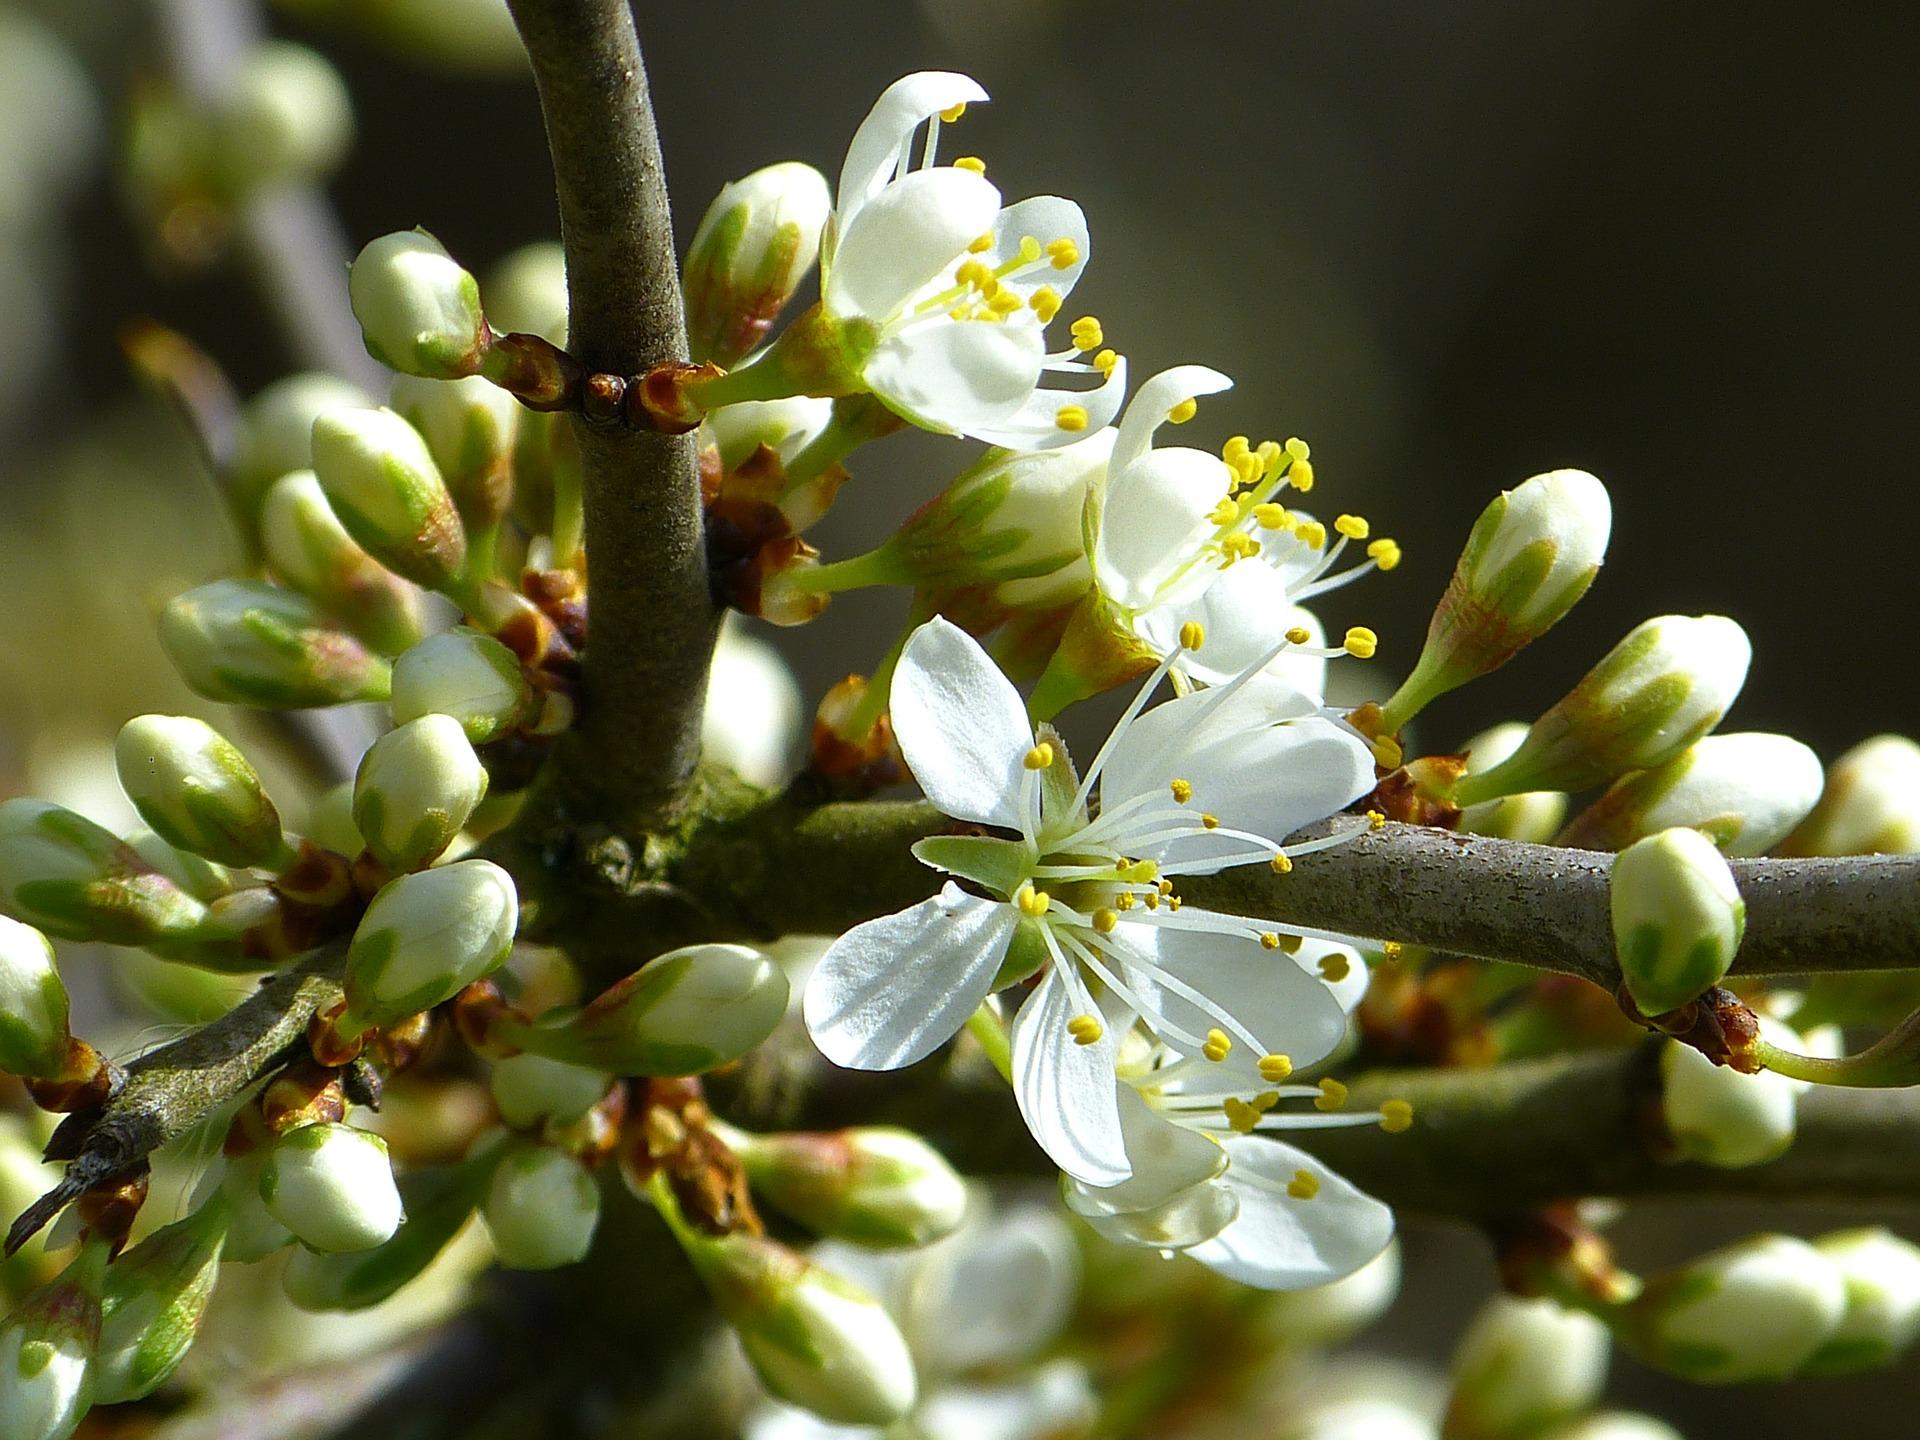 Schlehen-Blüten kann man ebenfalls essen. Sie sind jedoch etwas herb im Geschmack. - Photocredit: pixabay.com/LoggaWiggler